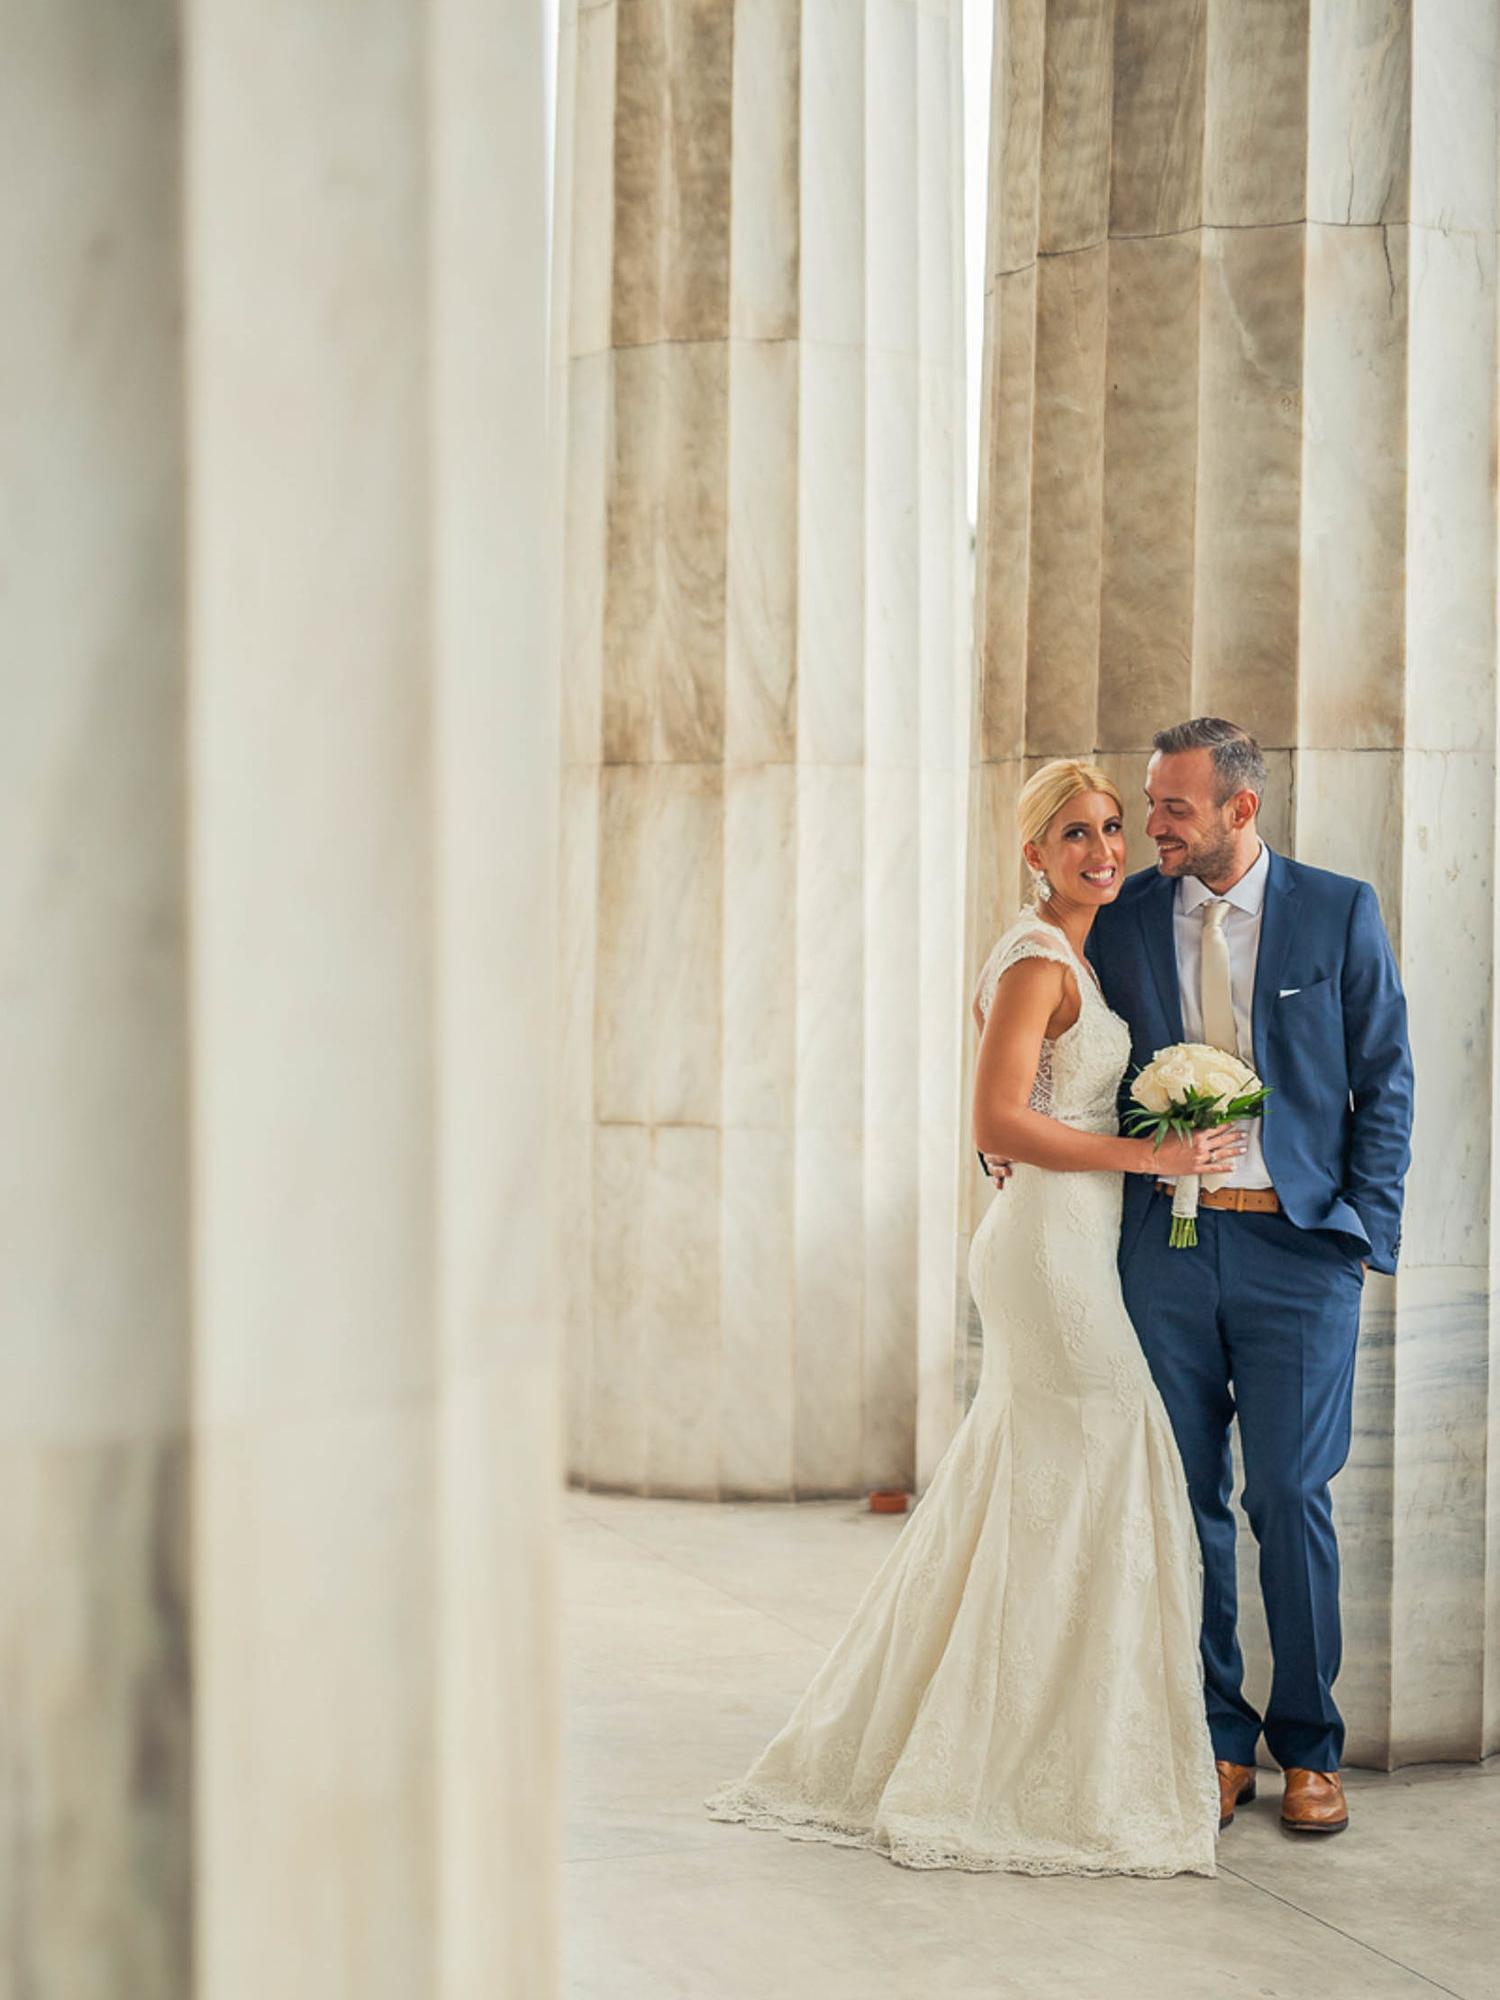 ΓΙΩΡΓΟΣ & ΕΛΕΝΑ - Γάμος & φωτογράφηση στην Αθήνα